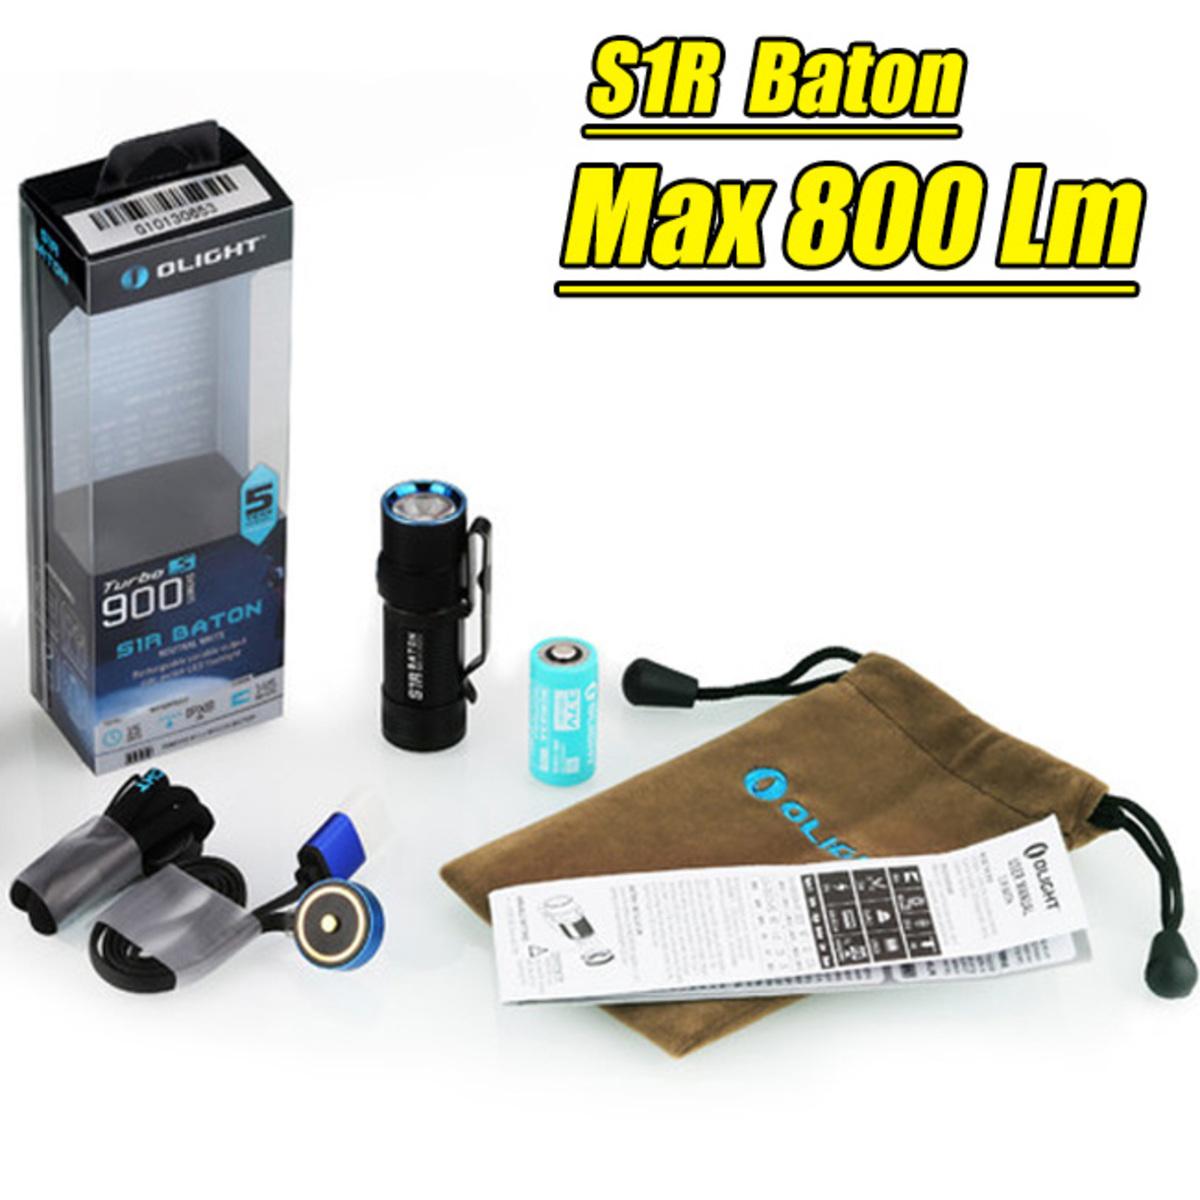 港行 S1R Baton 手電筒 900流明 USB 充電 RCR123A 鋰電池